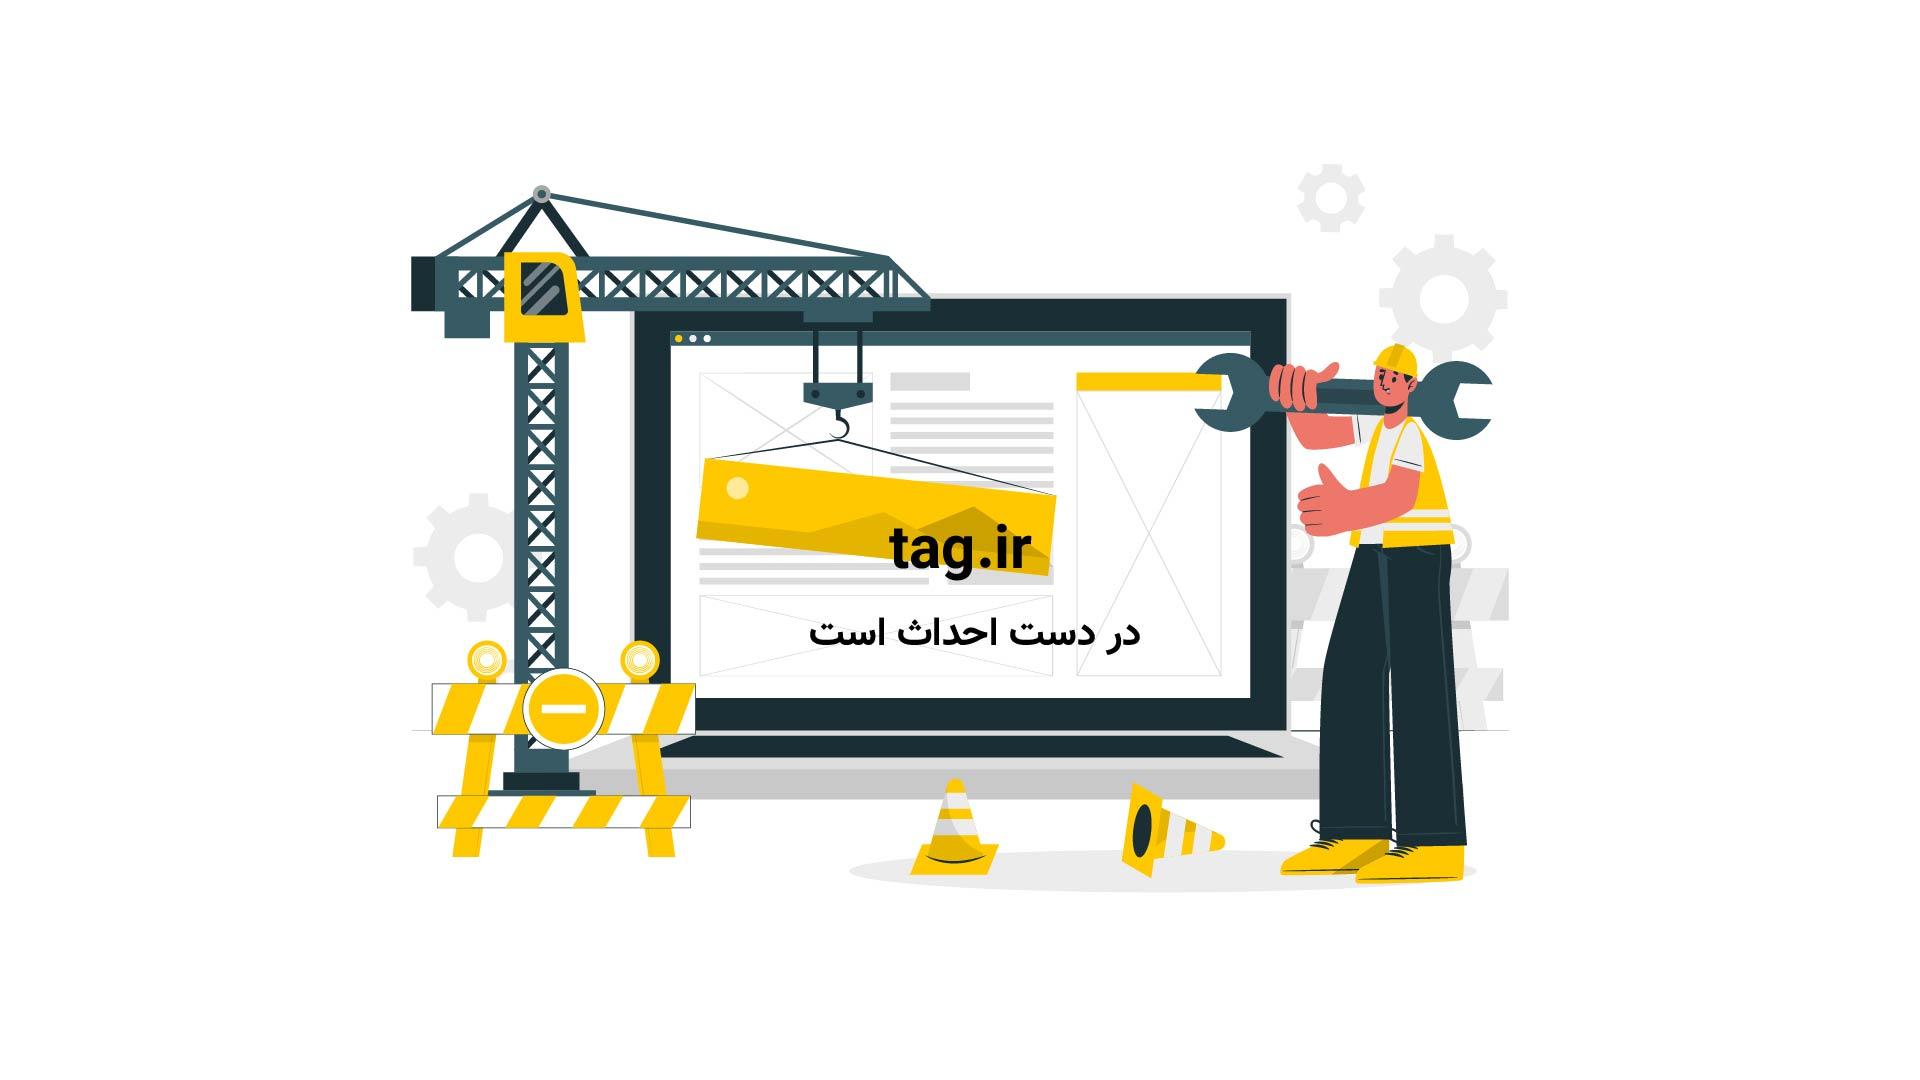 لیونل مسی ایرانی در ورزشگاه نیوکمپ بارسلون | فیلم